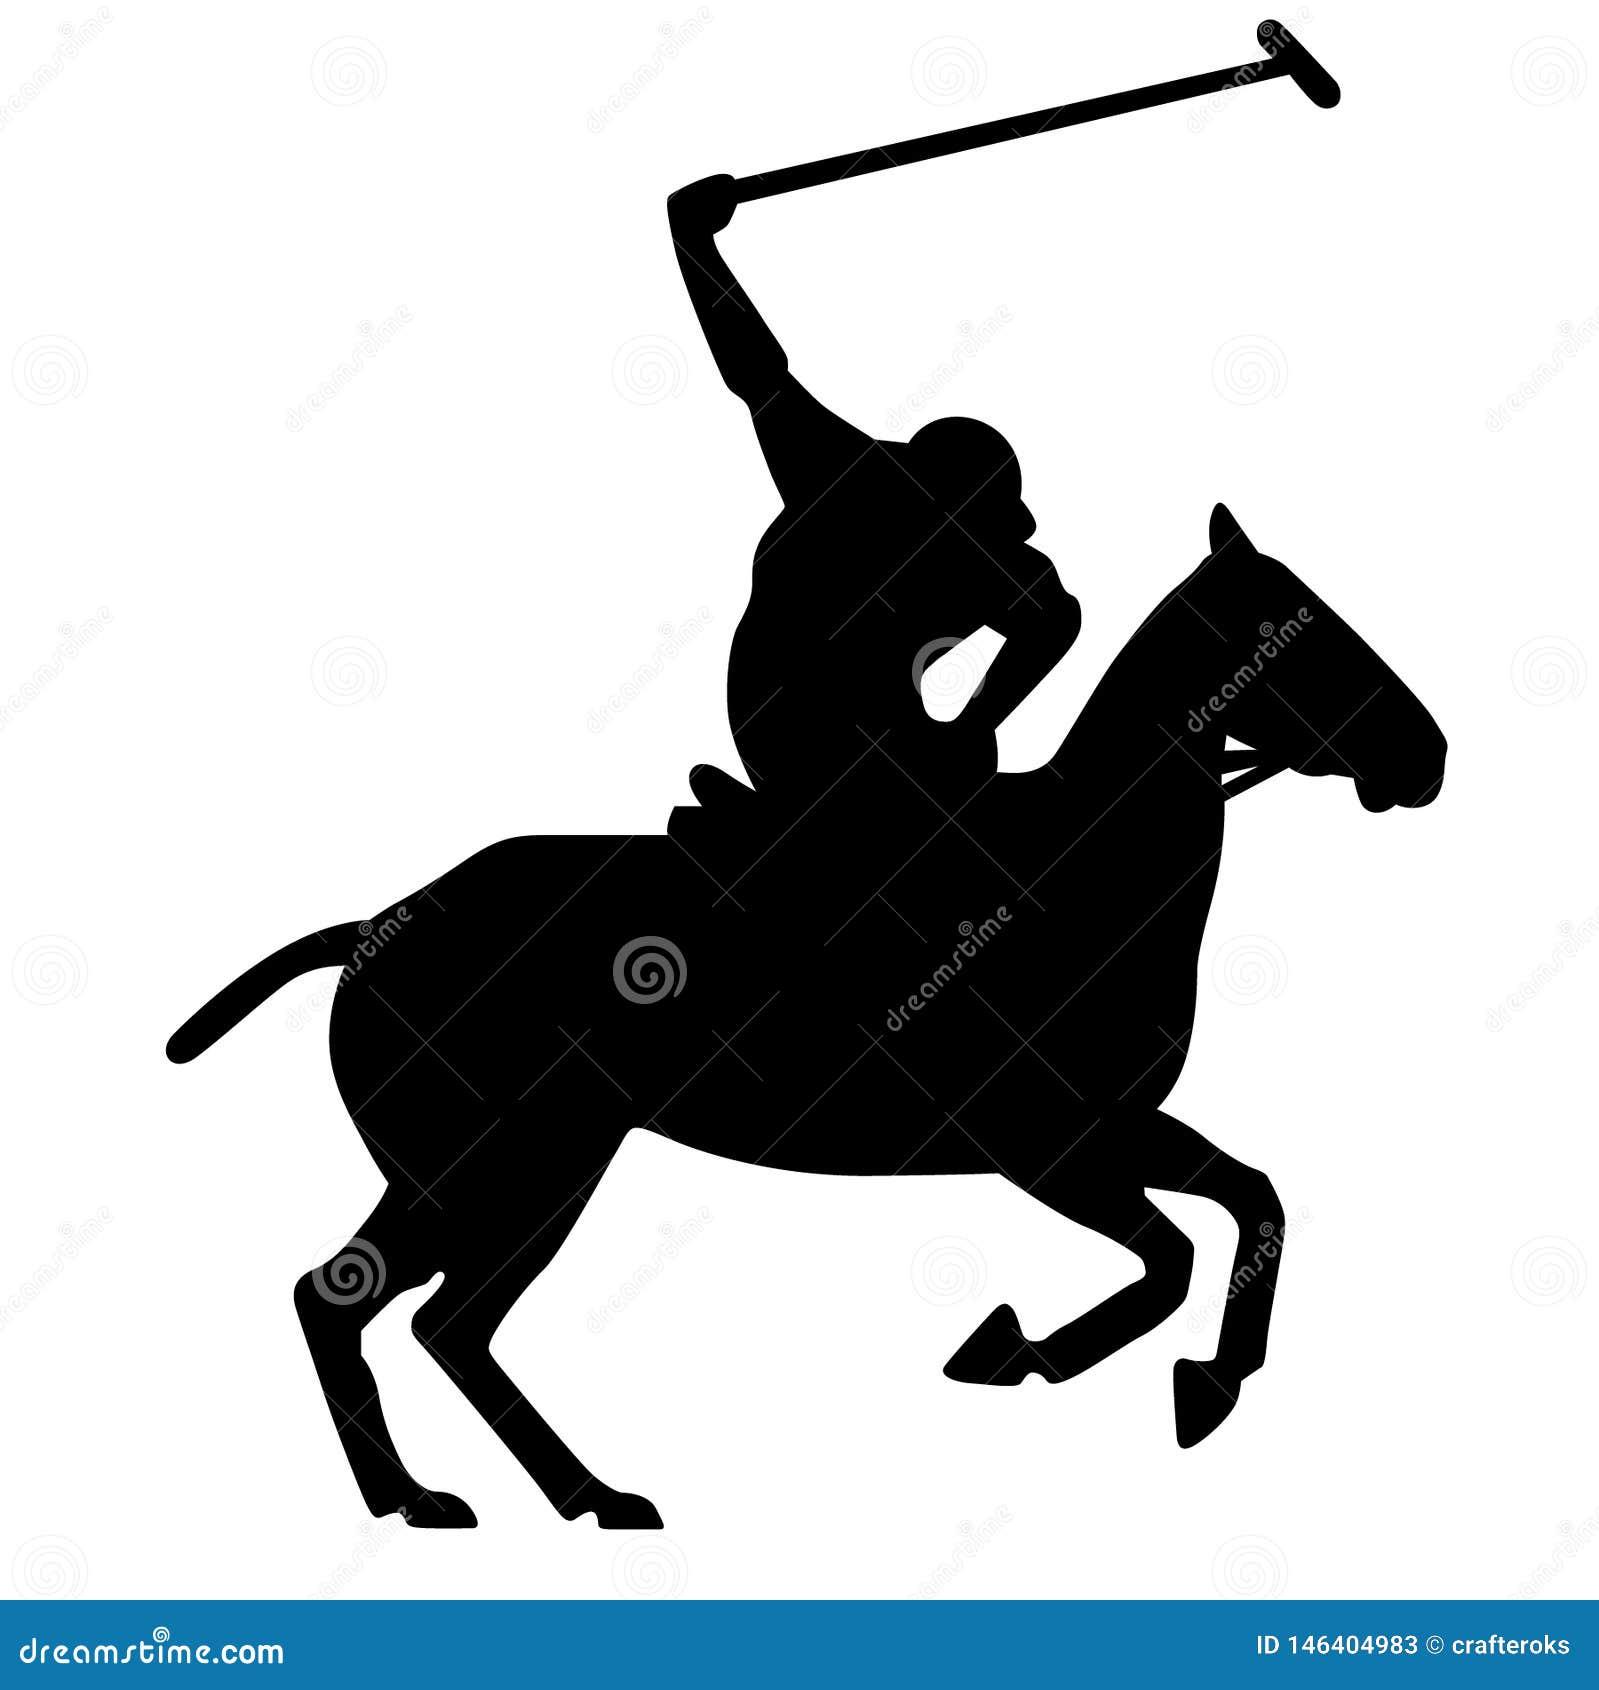 Ехать силуэт лошади указывая вектор пальца, Eps, логотип, значок, силуэт, иллюстрация crafteroks для различных польз